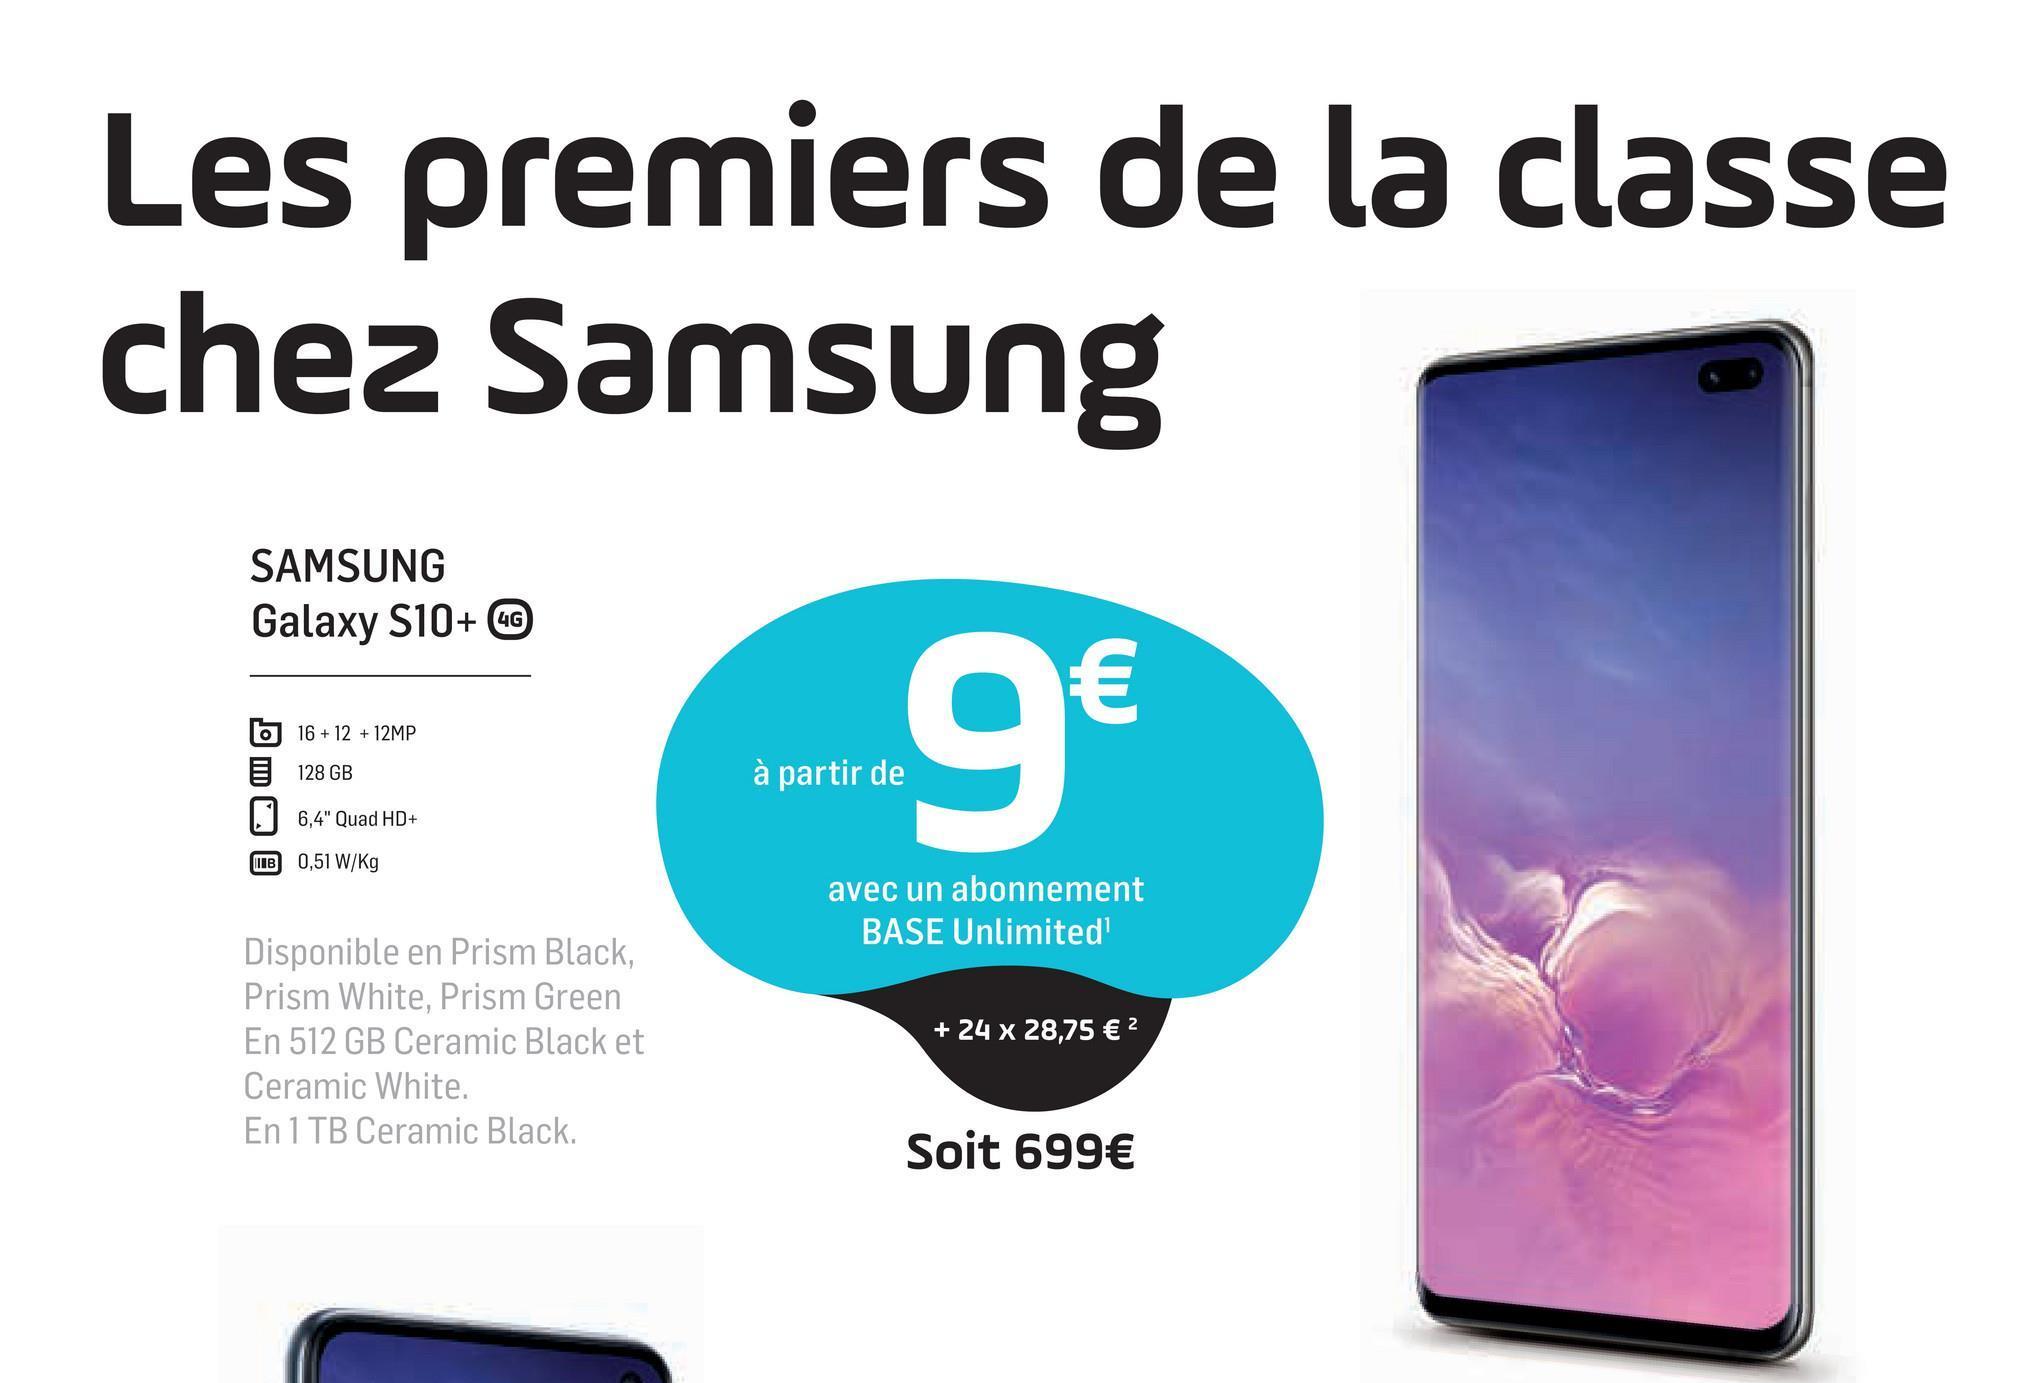 """Les premiers de la classe chez Samsung SAMSUNG Galaxy S10+ CC 6 16 + 12 + 12MP 128 GB 9€ à partir de 6,4"""" Quad HD+ IB 0,51 W/kg avec un abonnement BASE Unlimited Disponible en Prism Black, Prism White, Prism Green En 512 GB Ceramic Black et Ceramic White. En 1 TB Ceramic Black. + 24 x 28,75 € 2 Soit 699€"""